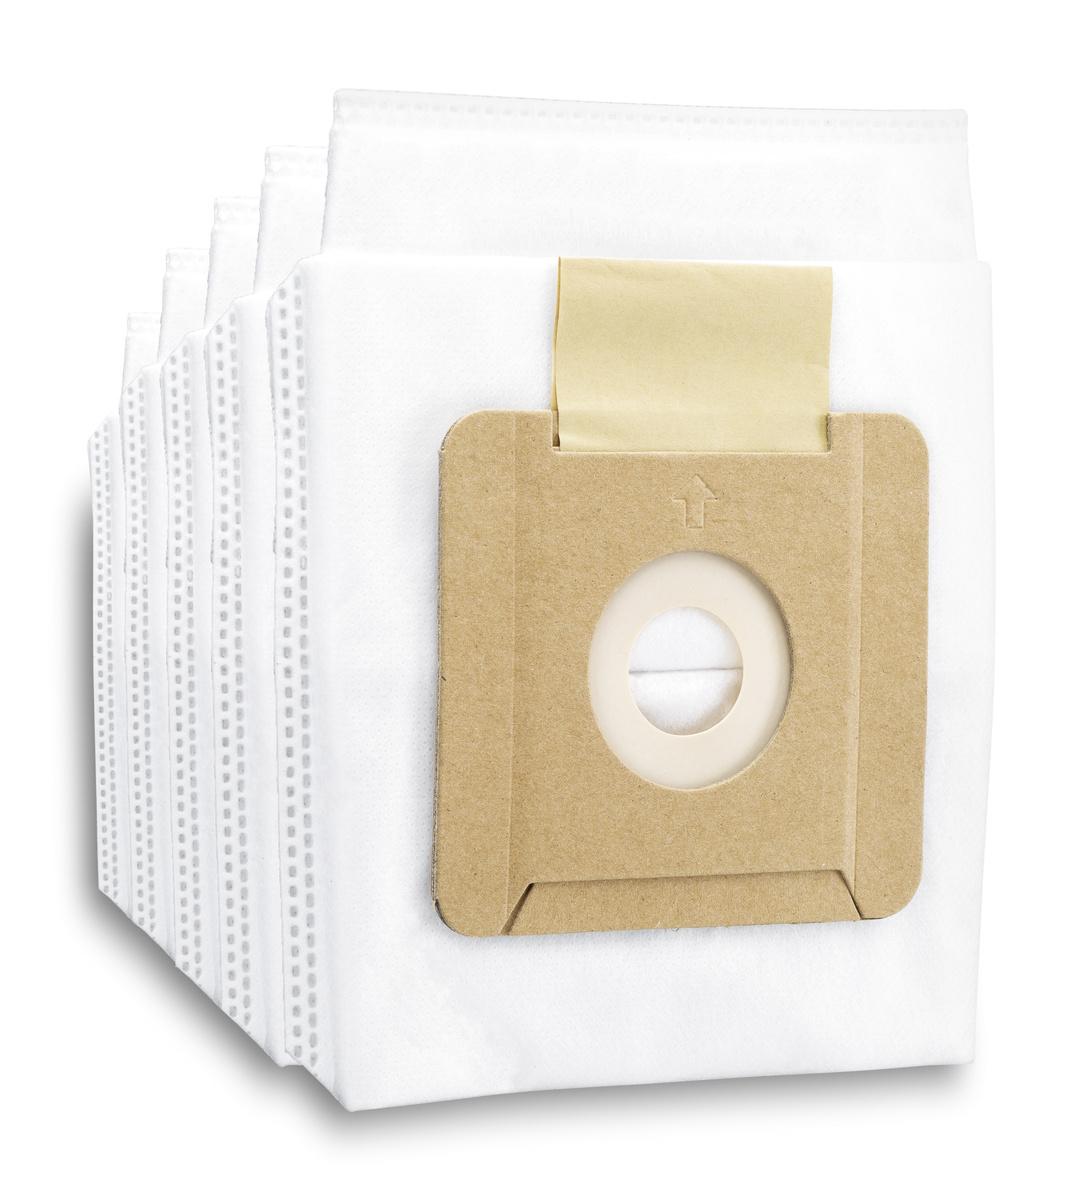 Фильтр-мешки из нетканого материала для пылесосов VC 2 Karcher (2.863-236.0)